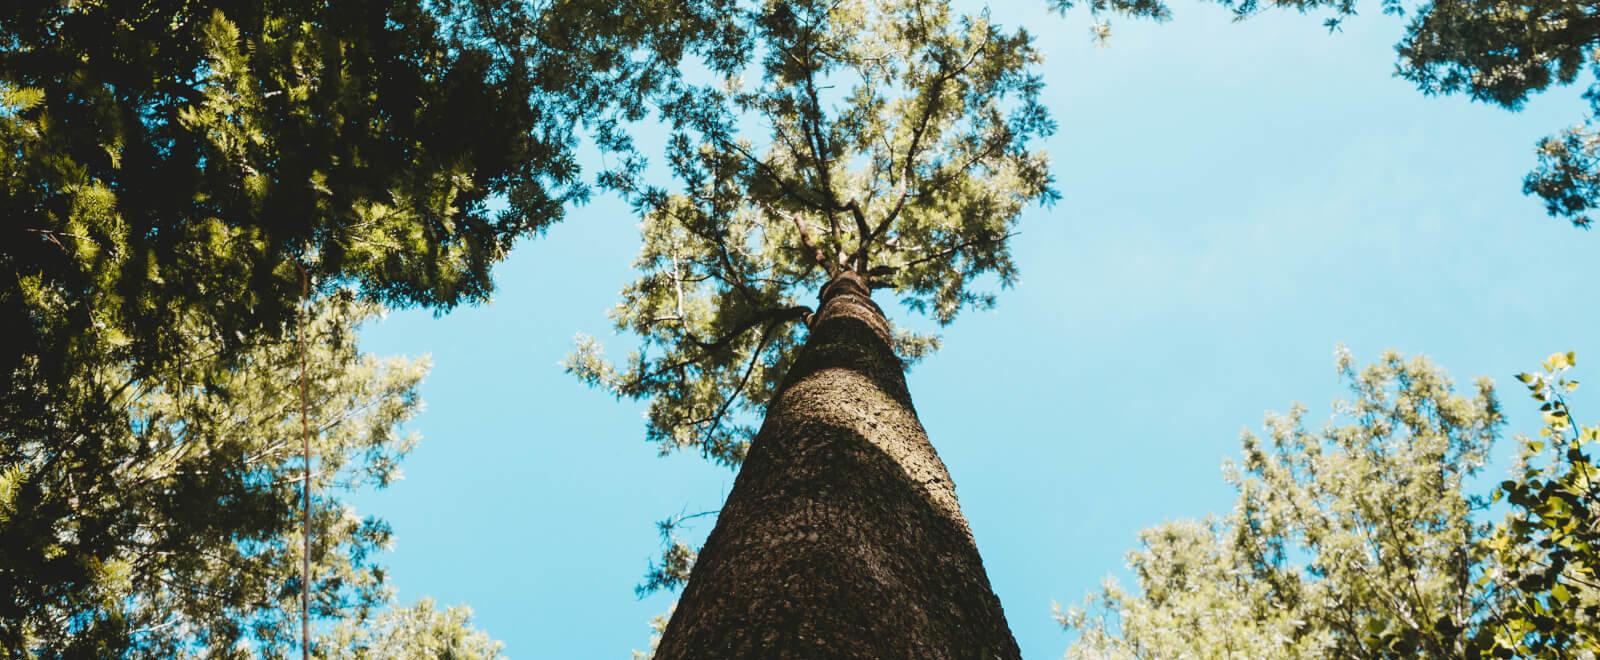 Hoge bomen vangen veel wind; zorg als bestuurder voor stevige wortels!